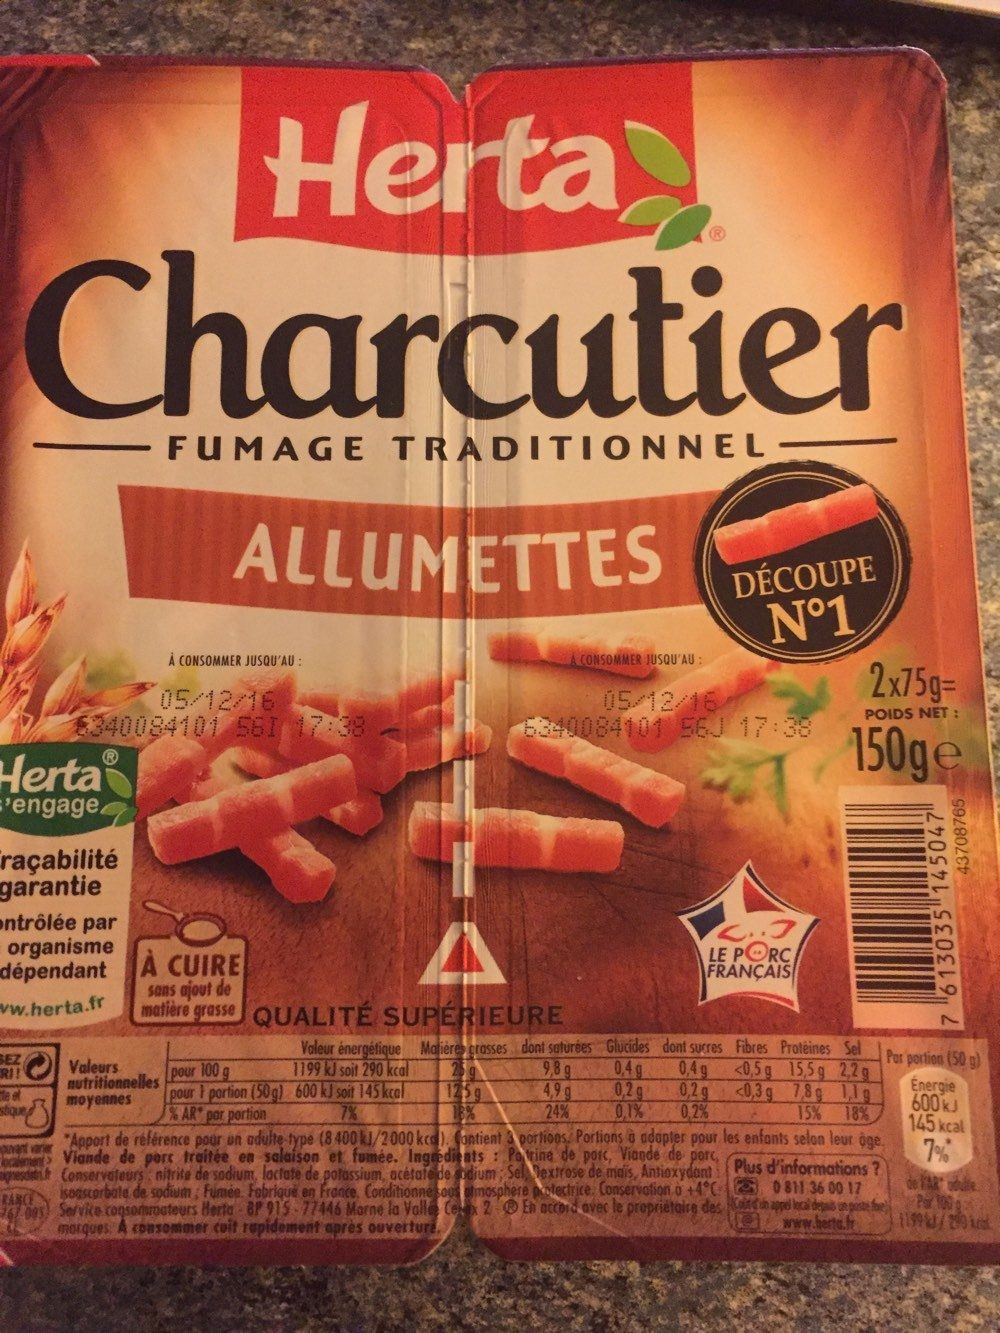 Allumettes Charcutier - Produit